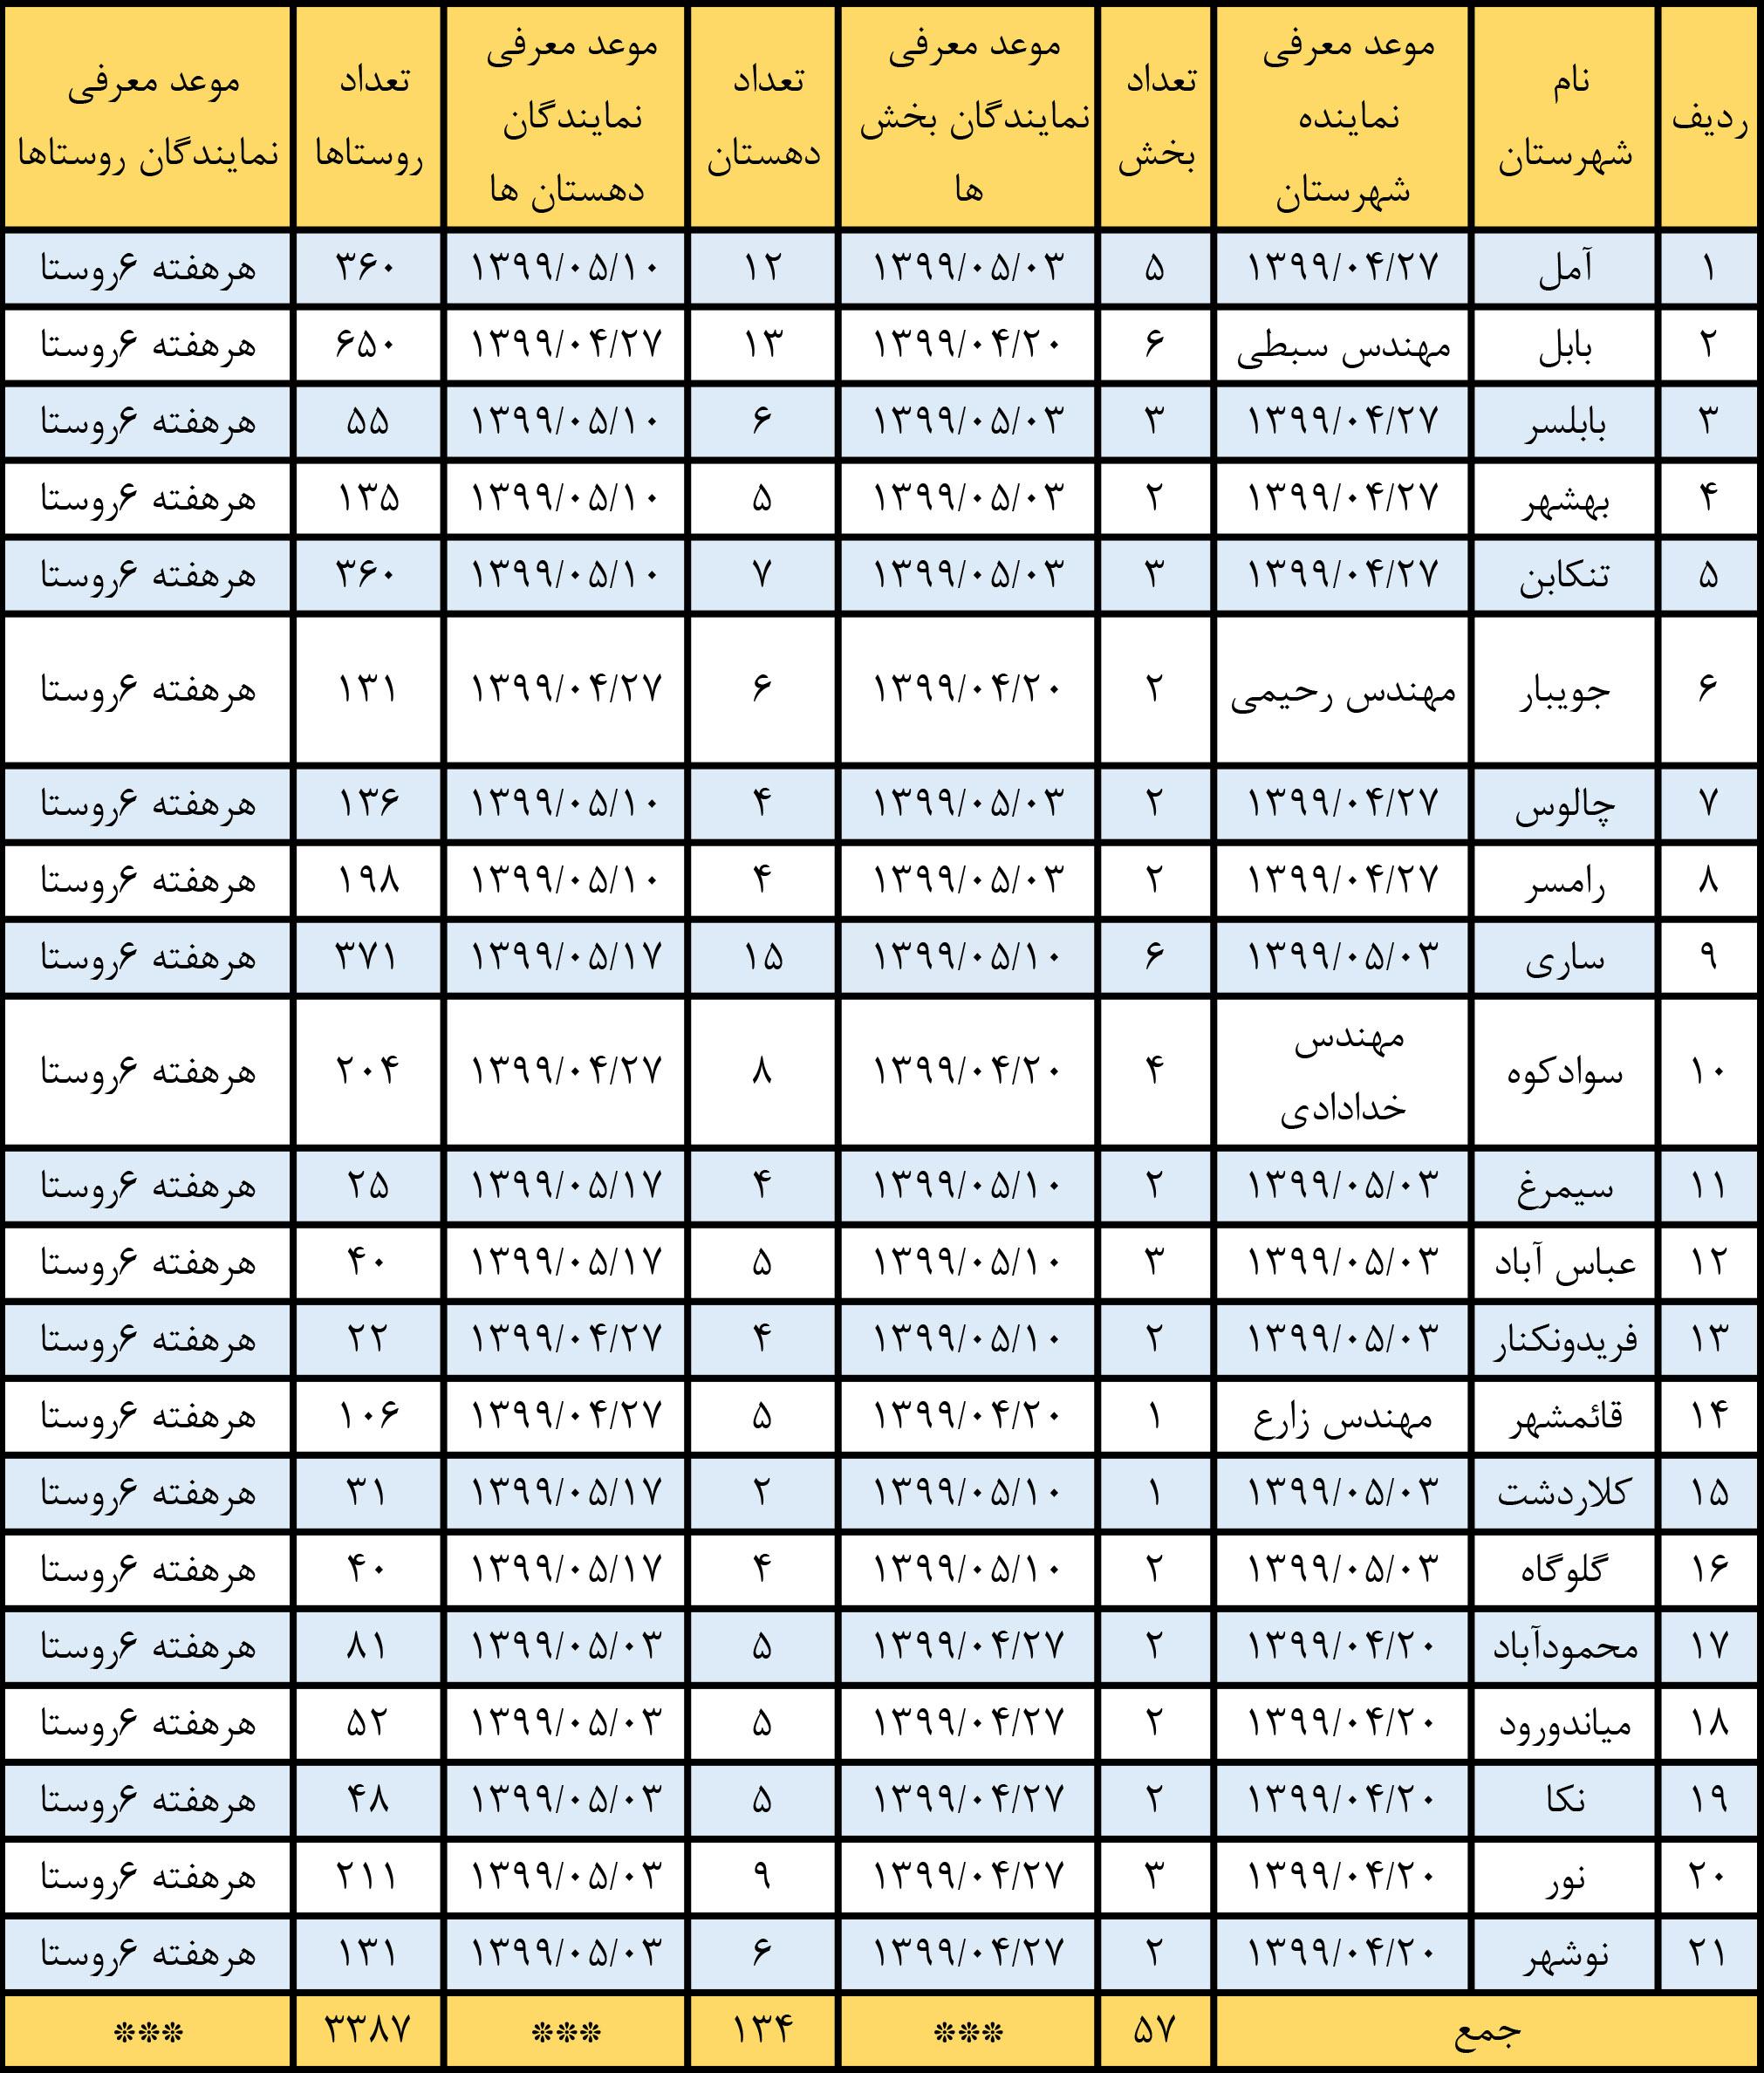 جدول زمان بندی معرفی نماینده های بکوجا در استان مازندران